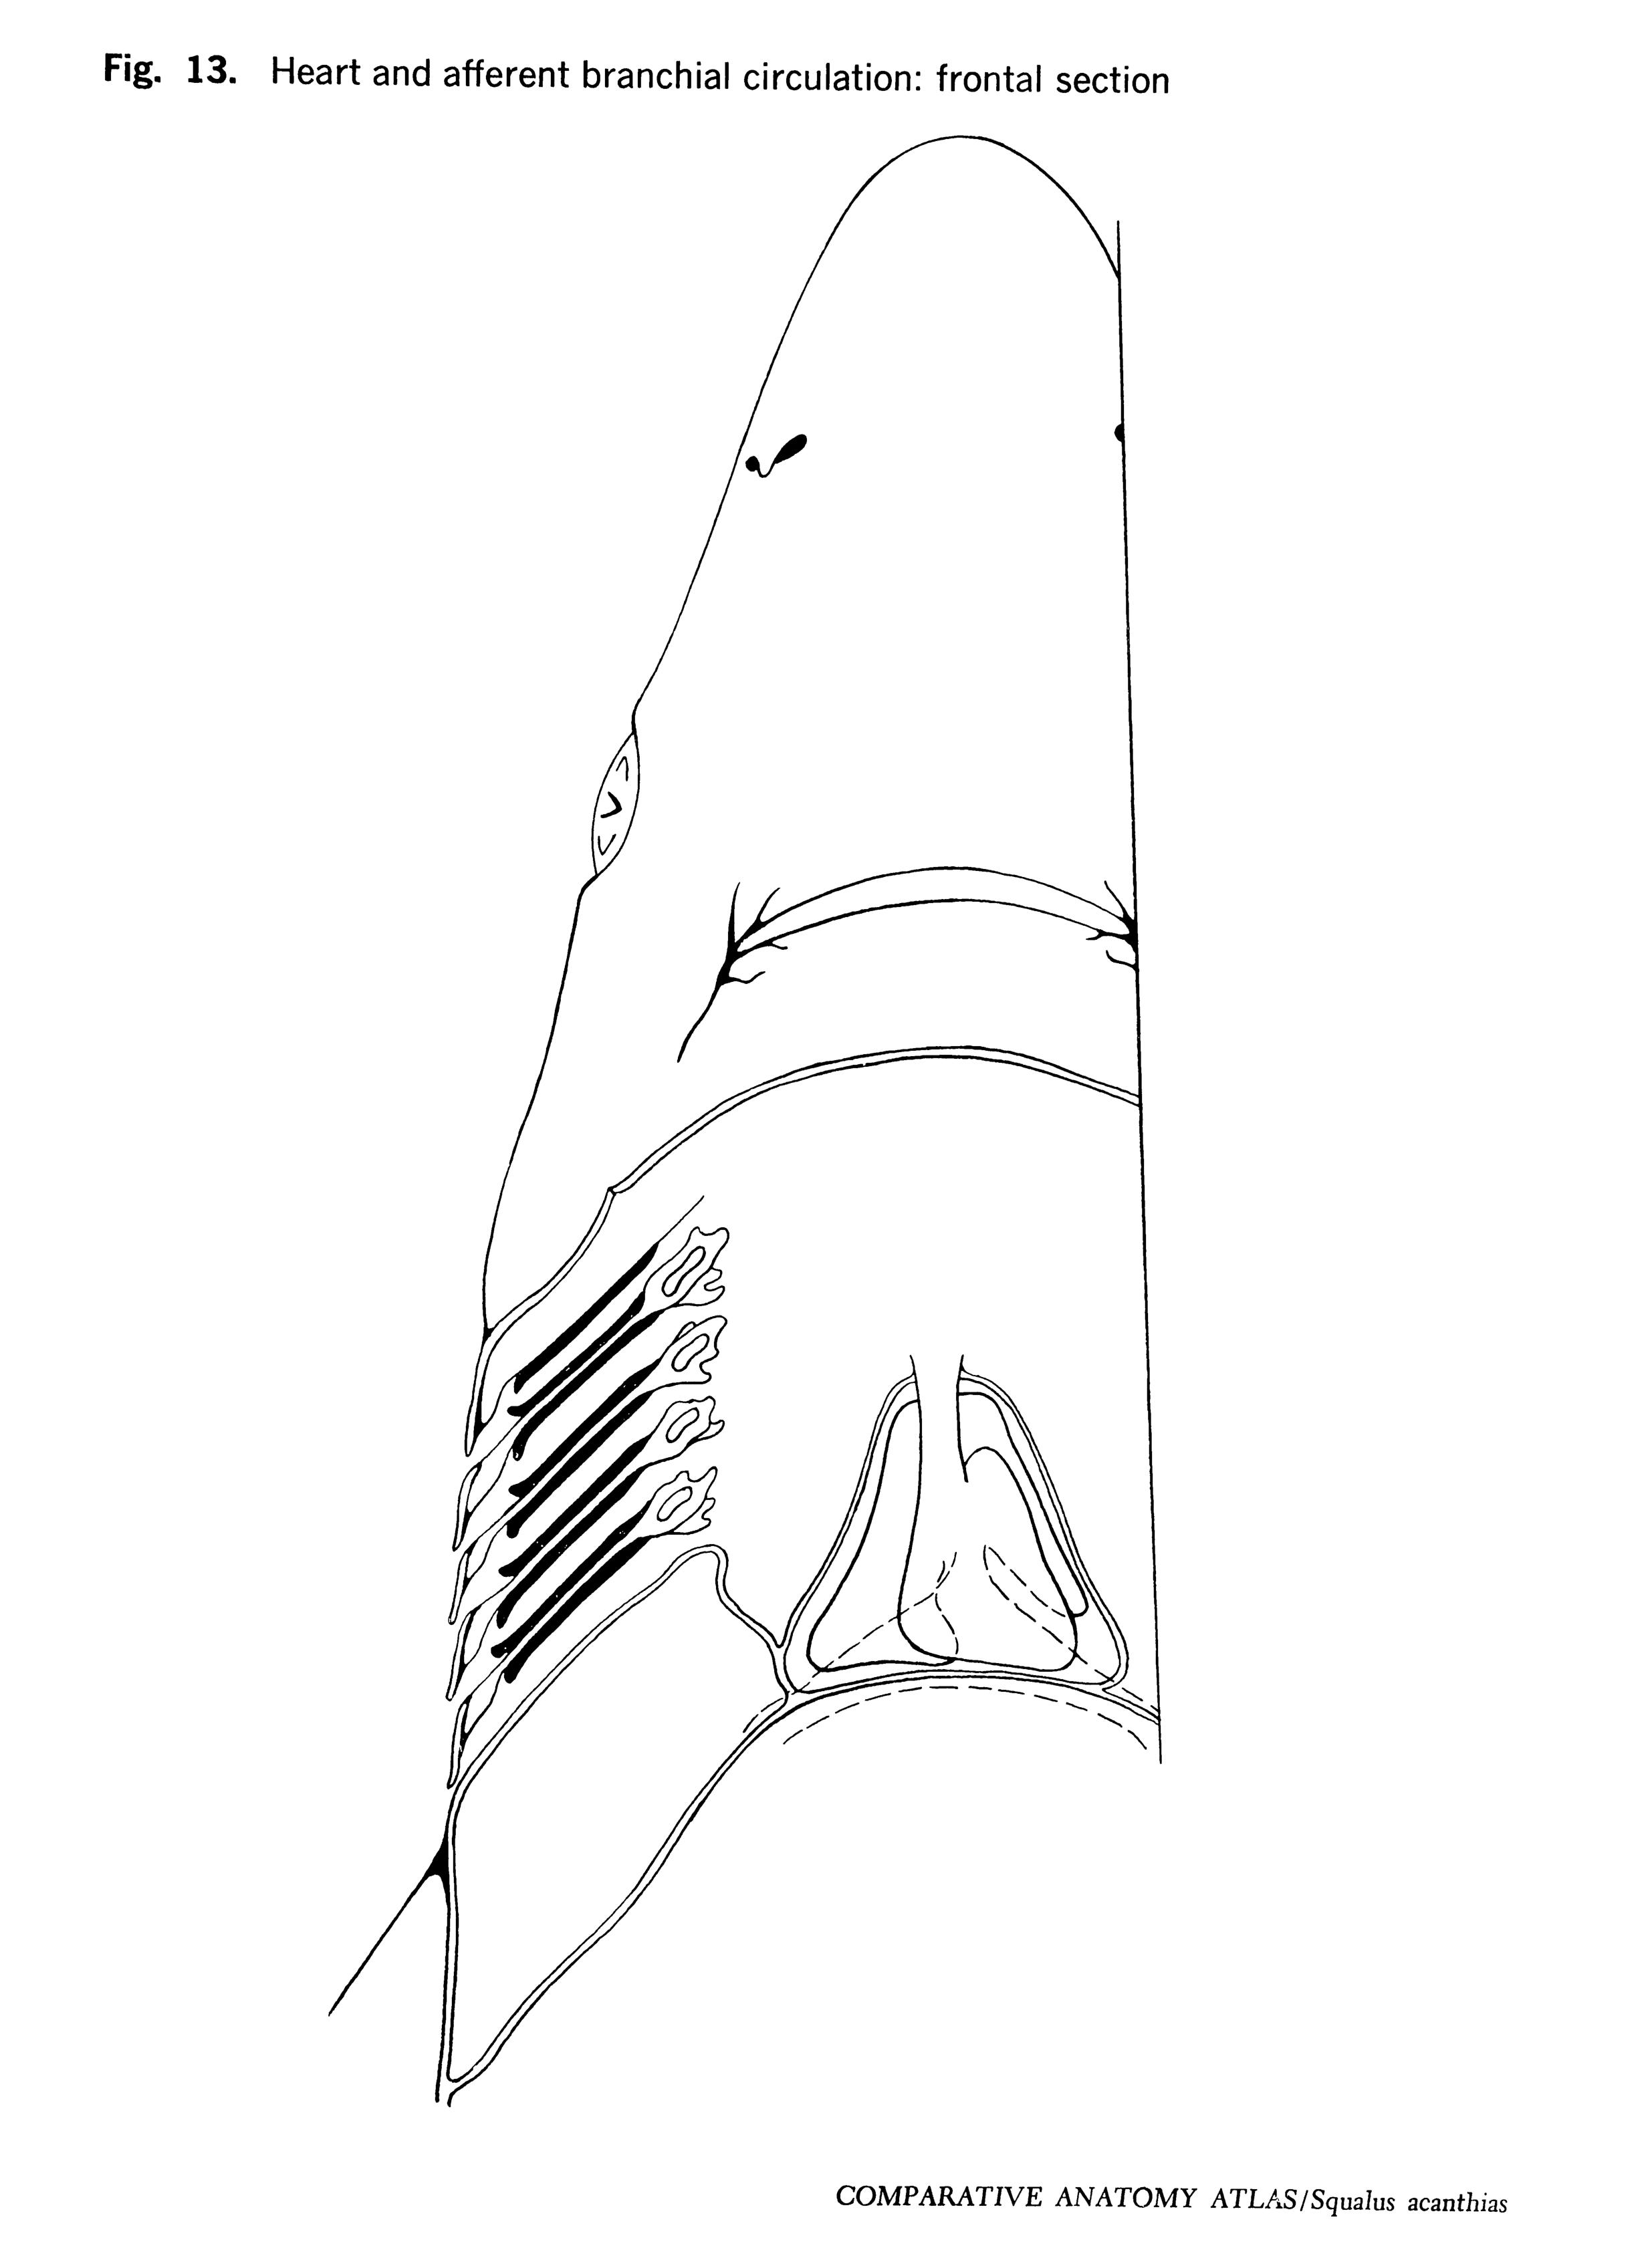 Squalus acantbias Figure 13